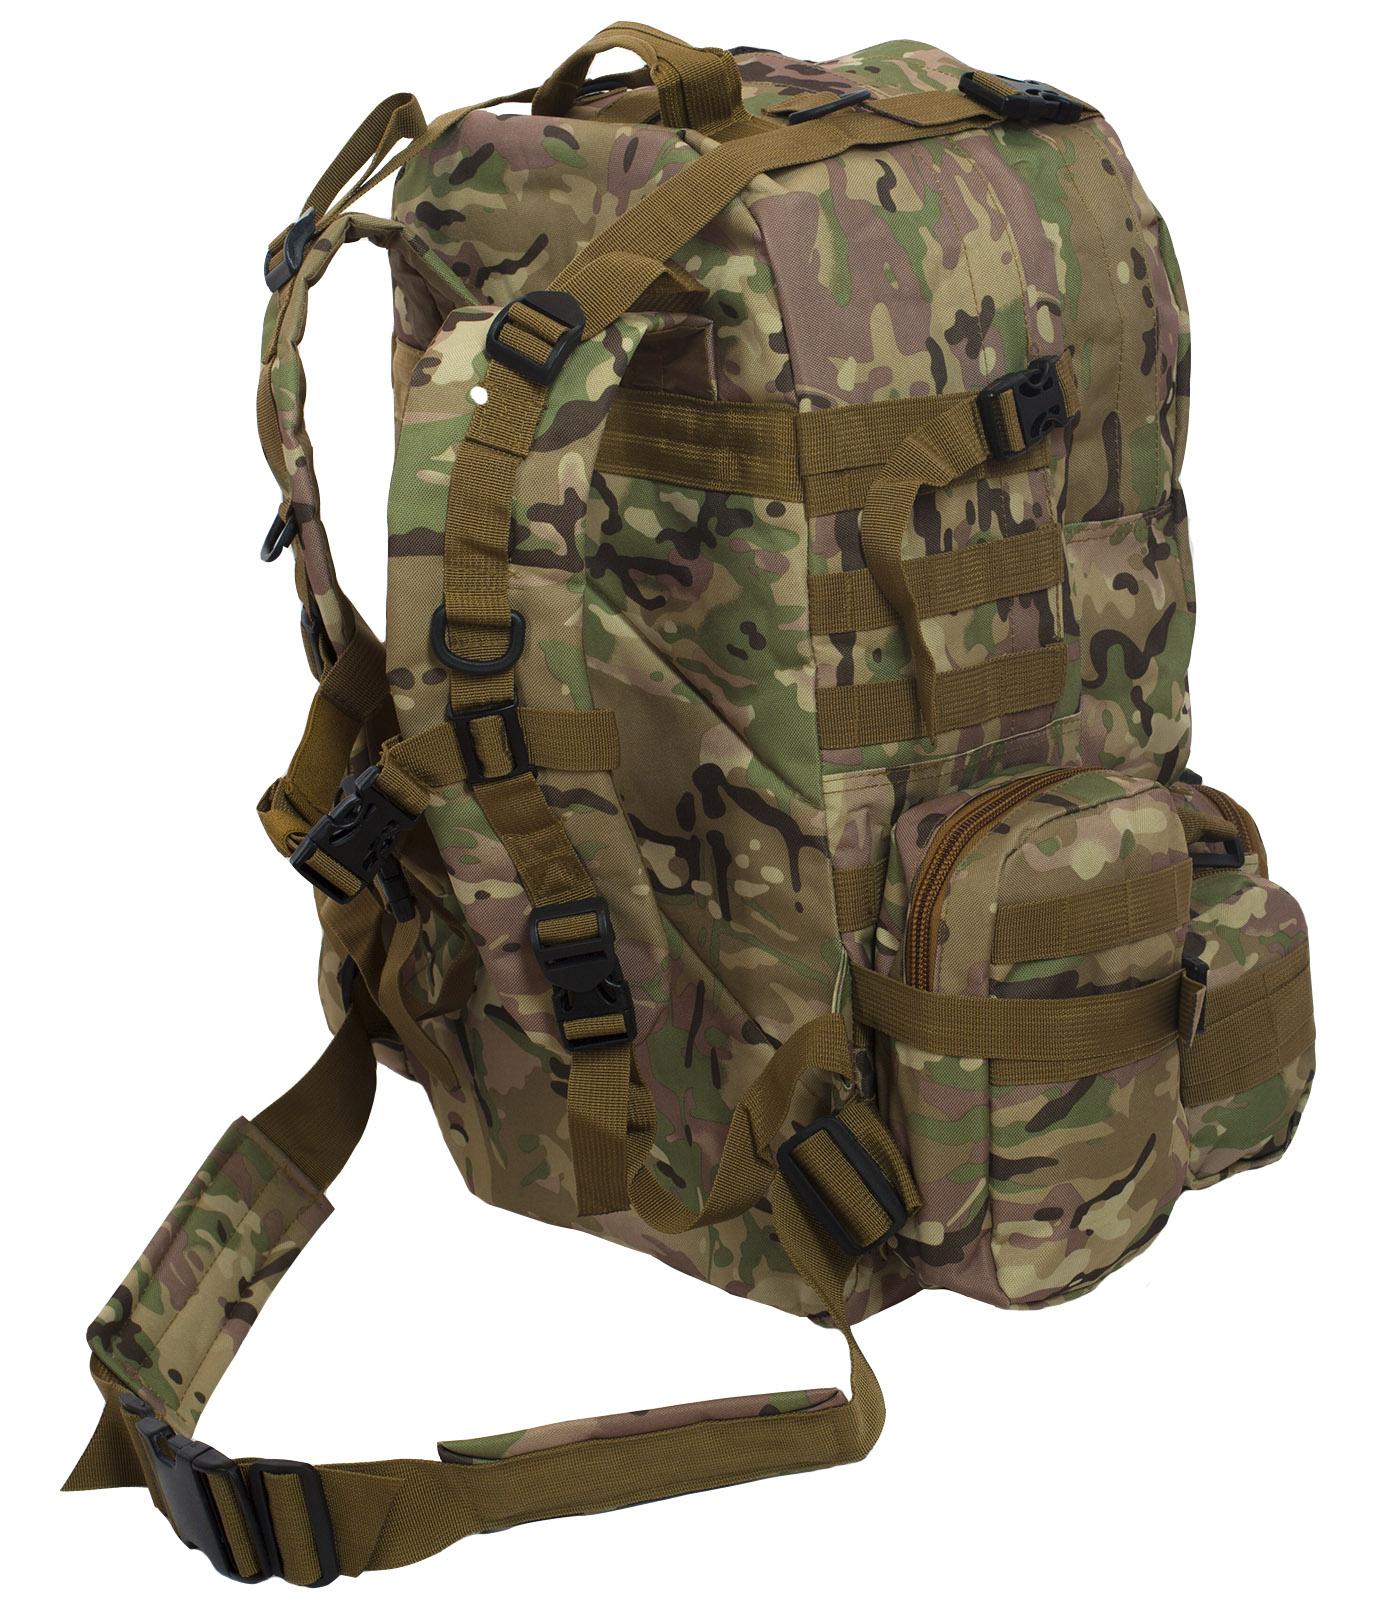 Функциональный туристический рюкзак Ни пуха, Ни пера! - заказать выгодно